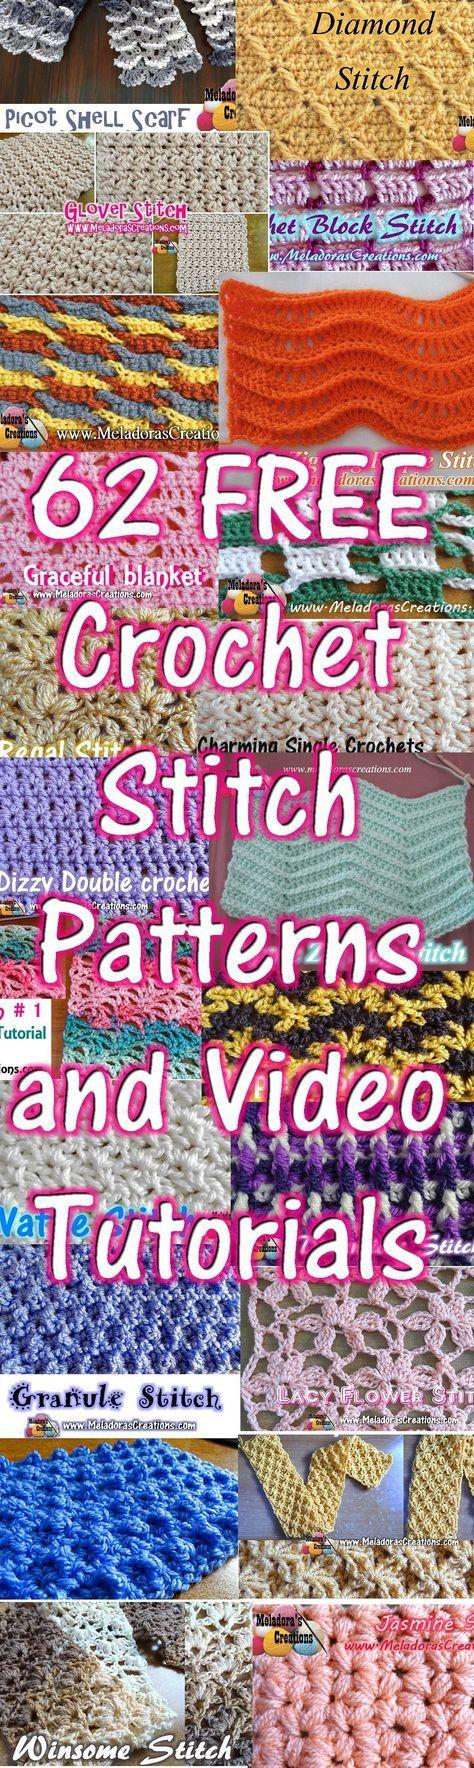 Crochet Stitch Patterns and Video | motiv | Pinterest | Häkeln ...